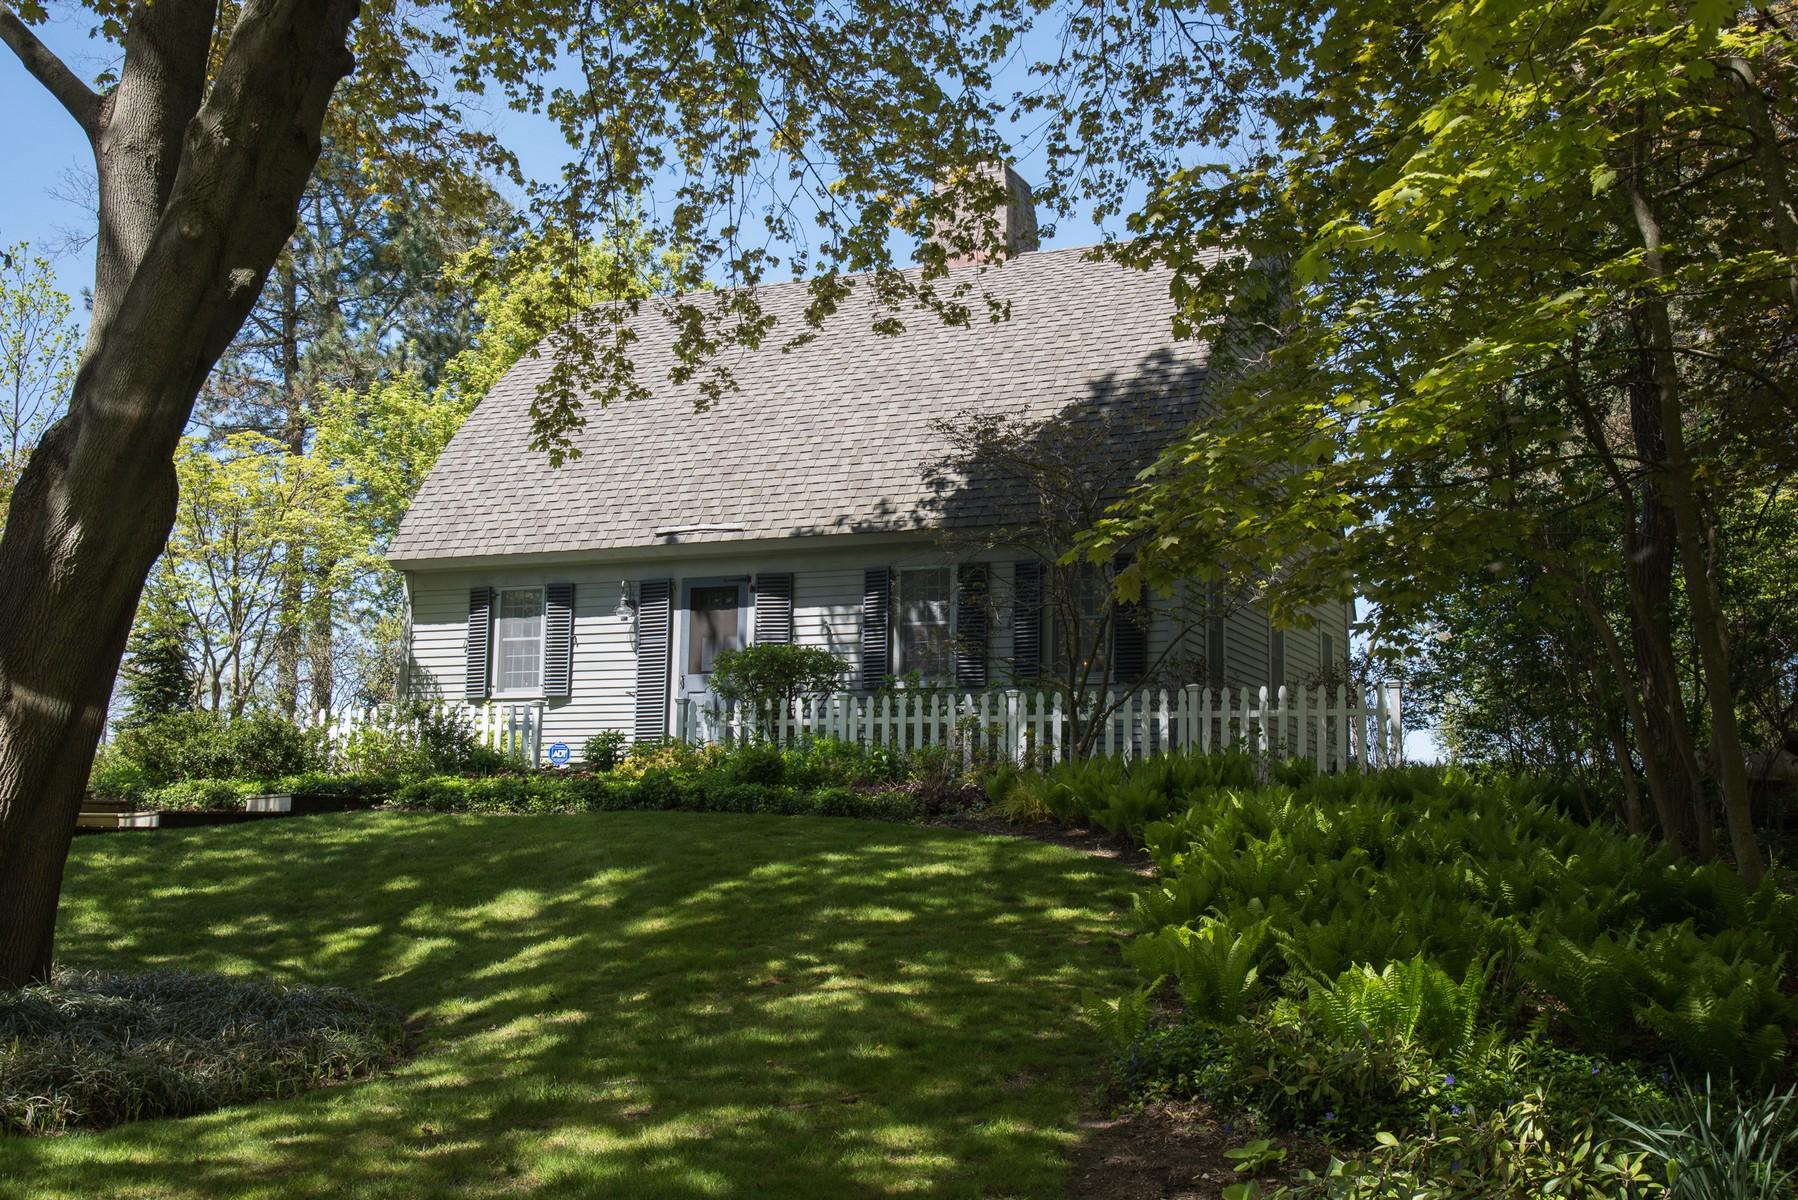 Maison unifamiliale pour l Vente à Authentic Cape Cod 2042 Lake Michigan Drive Fennville, Michigan, 49408 États-Unis